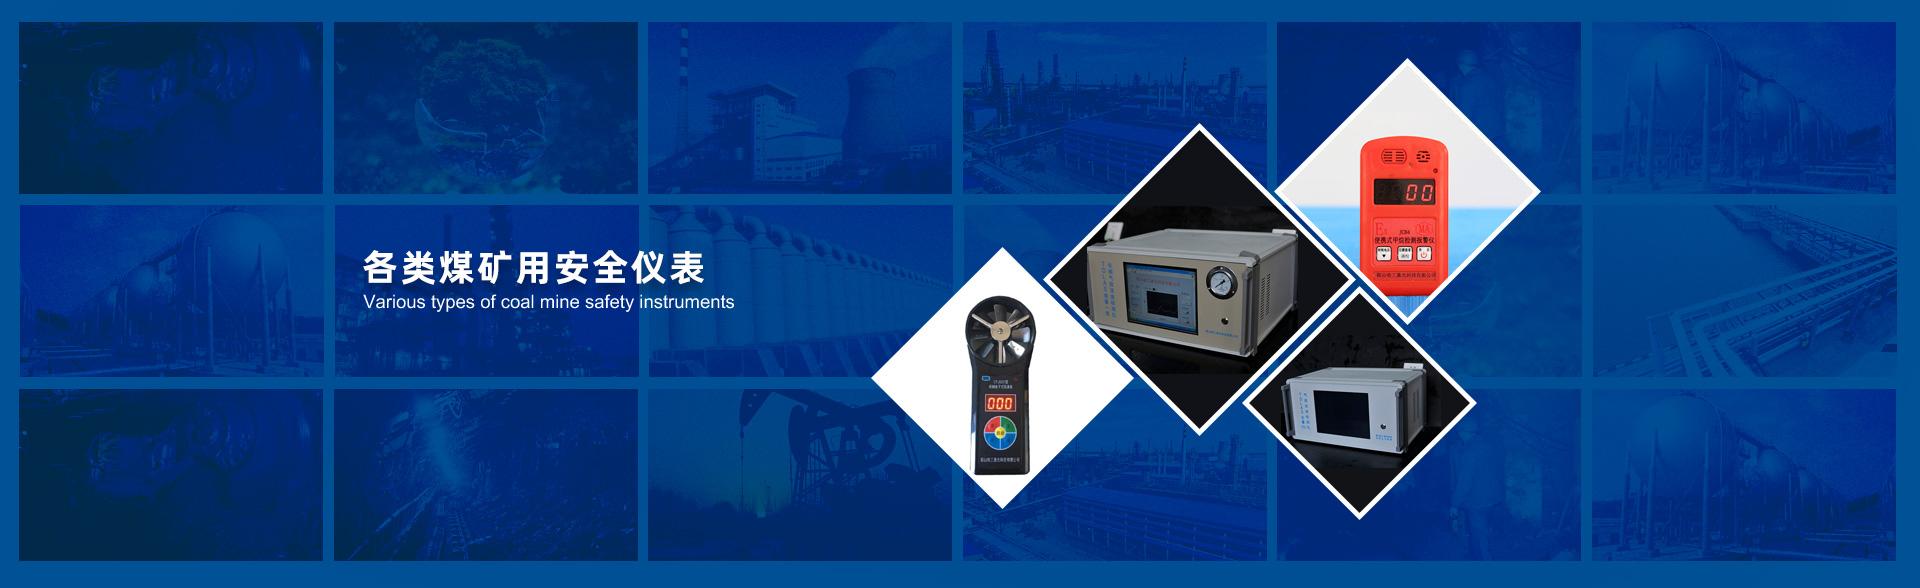 便携式矿用气体测定器